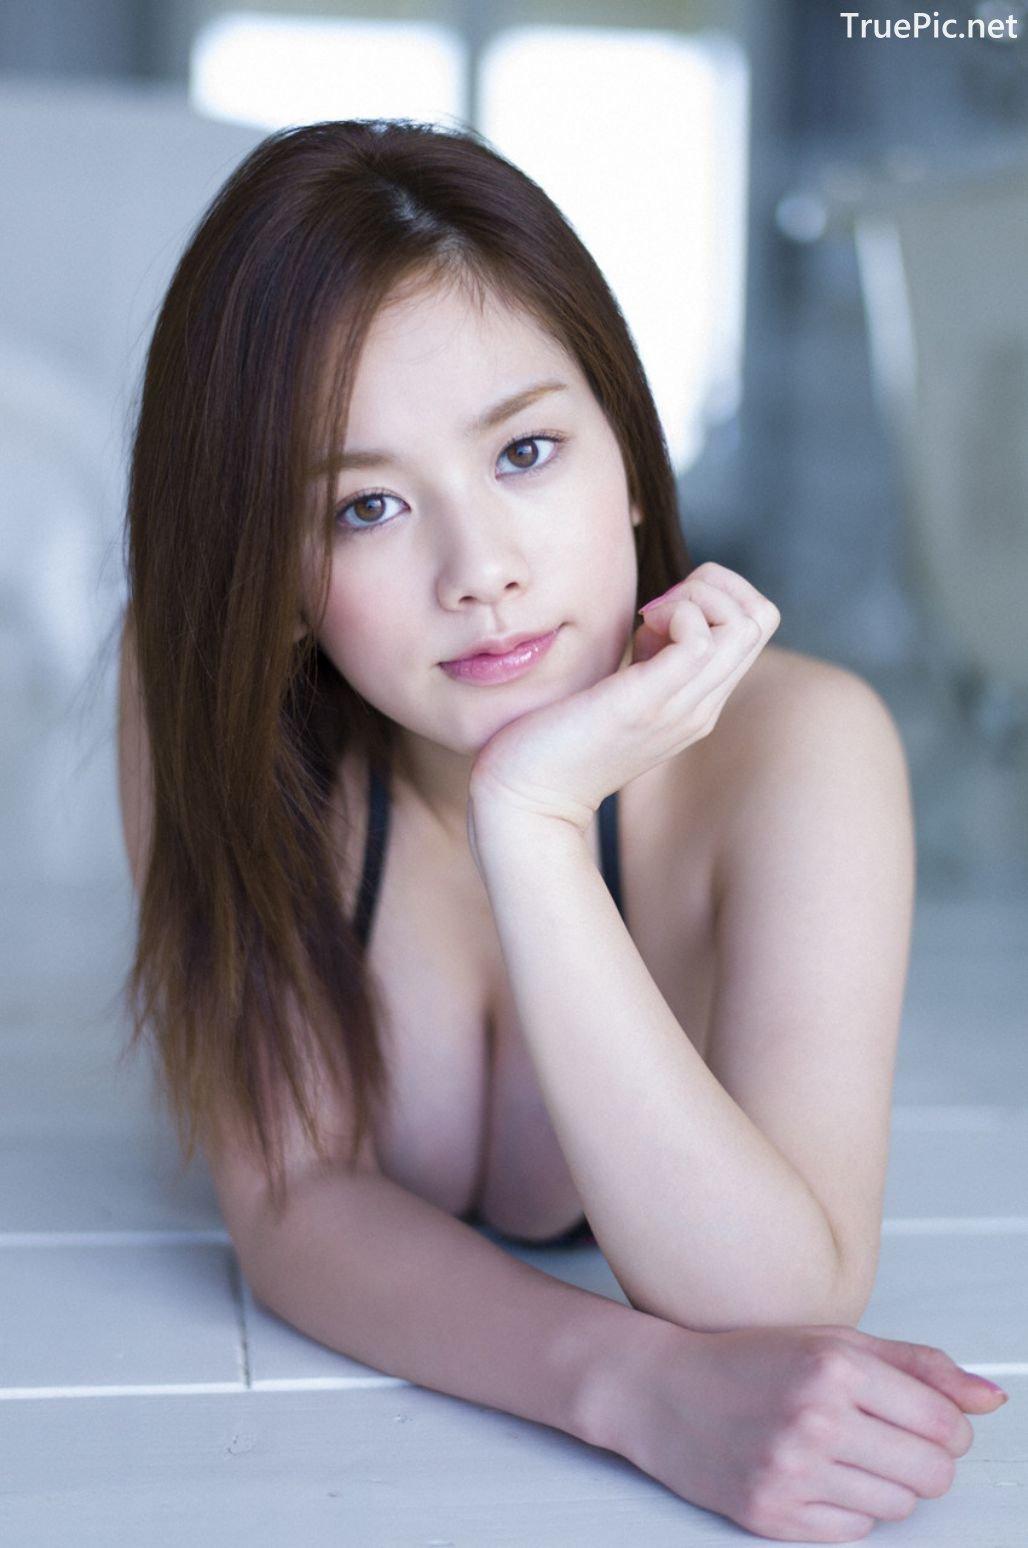 Image-Japanese-Gravure-Idol-Miwako-Kakei-Sexy-Japanese-Angel-With-Hot-Body-TruePic.net- Picture-10